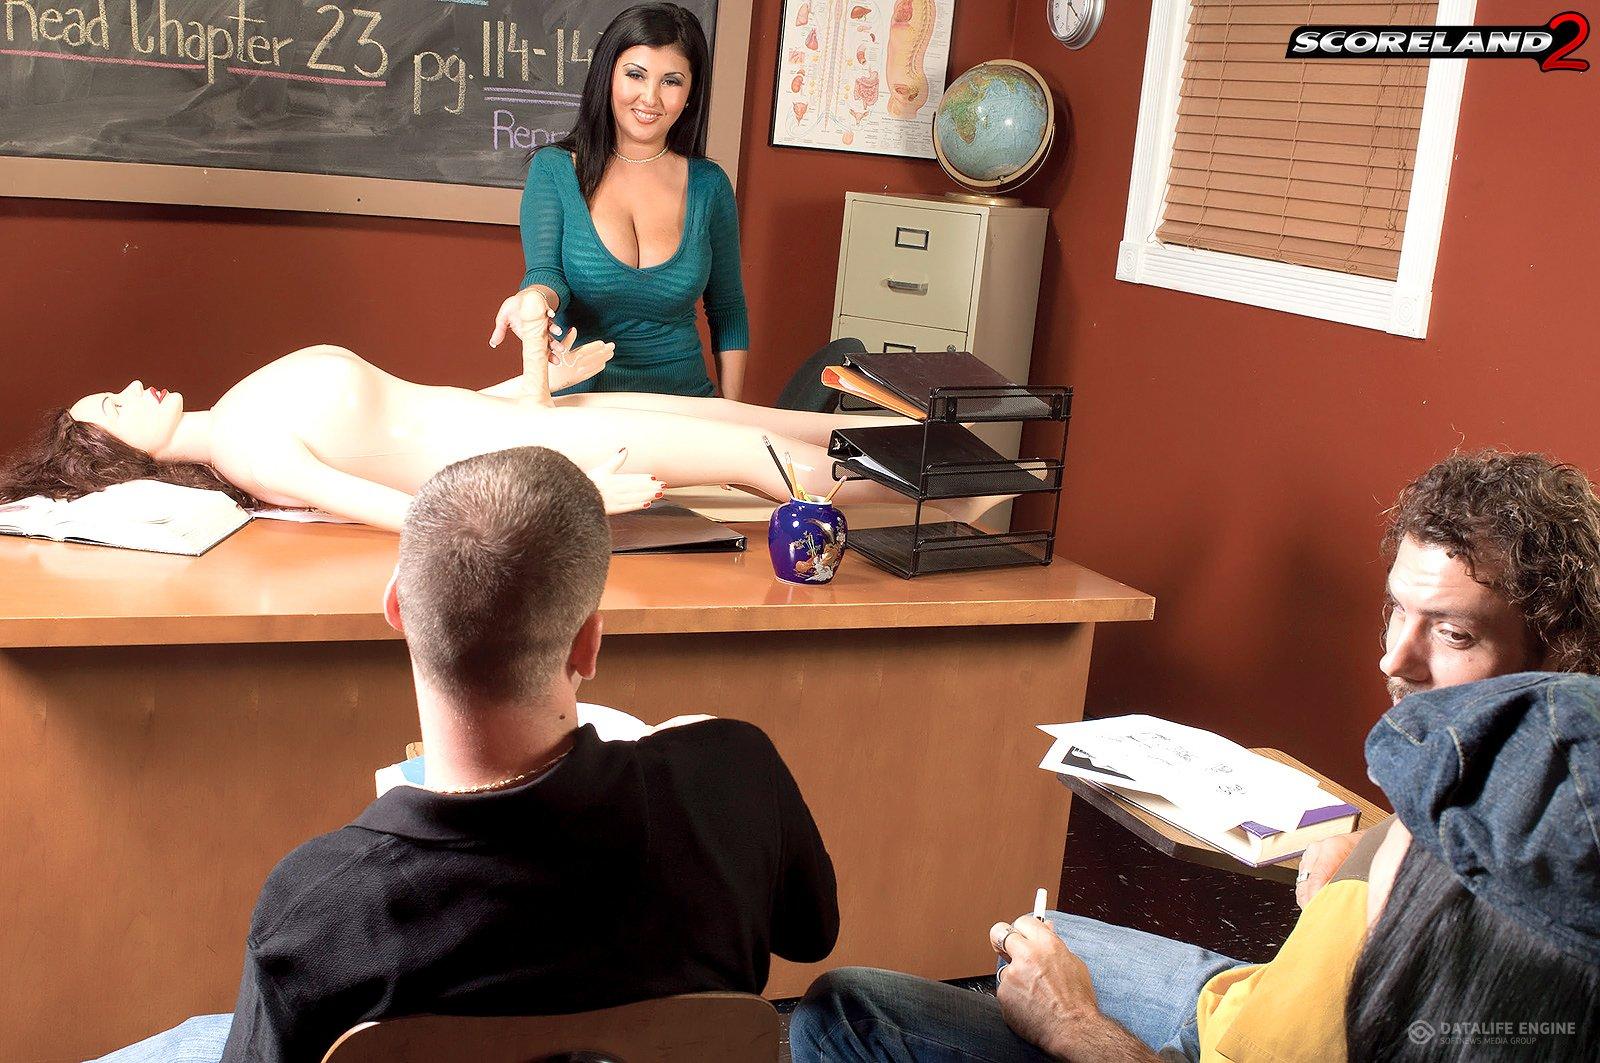 Училка показывает ученику как трахатся